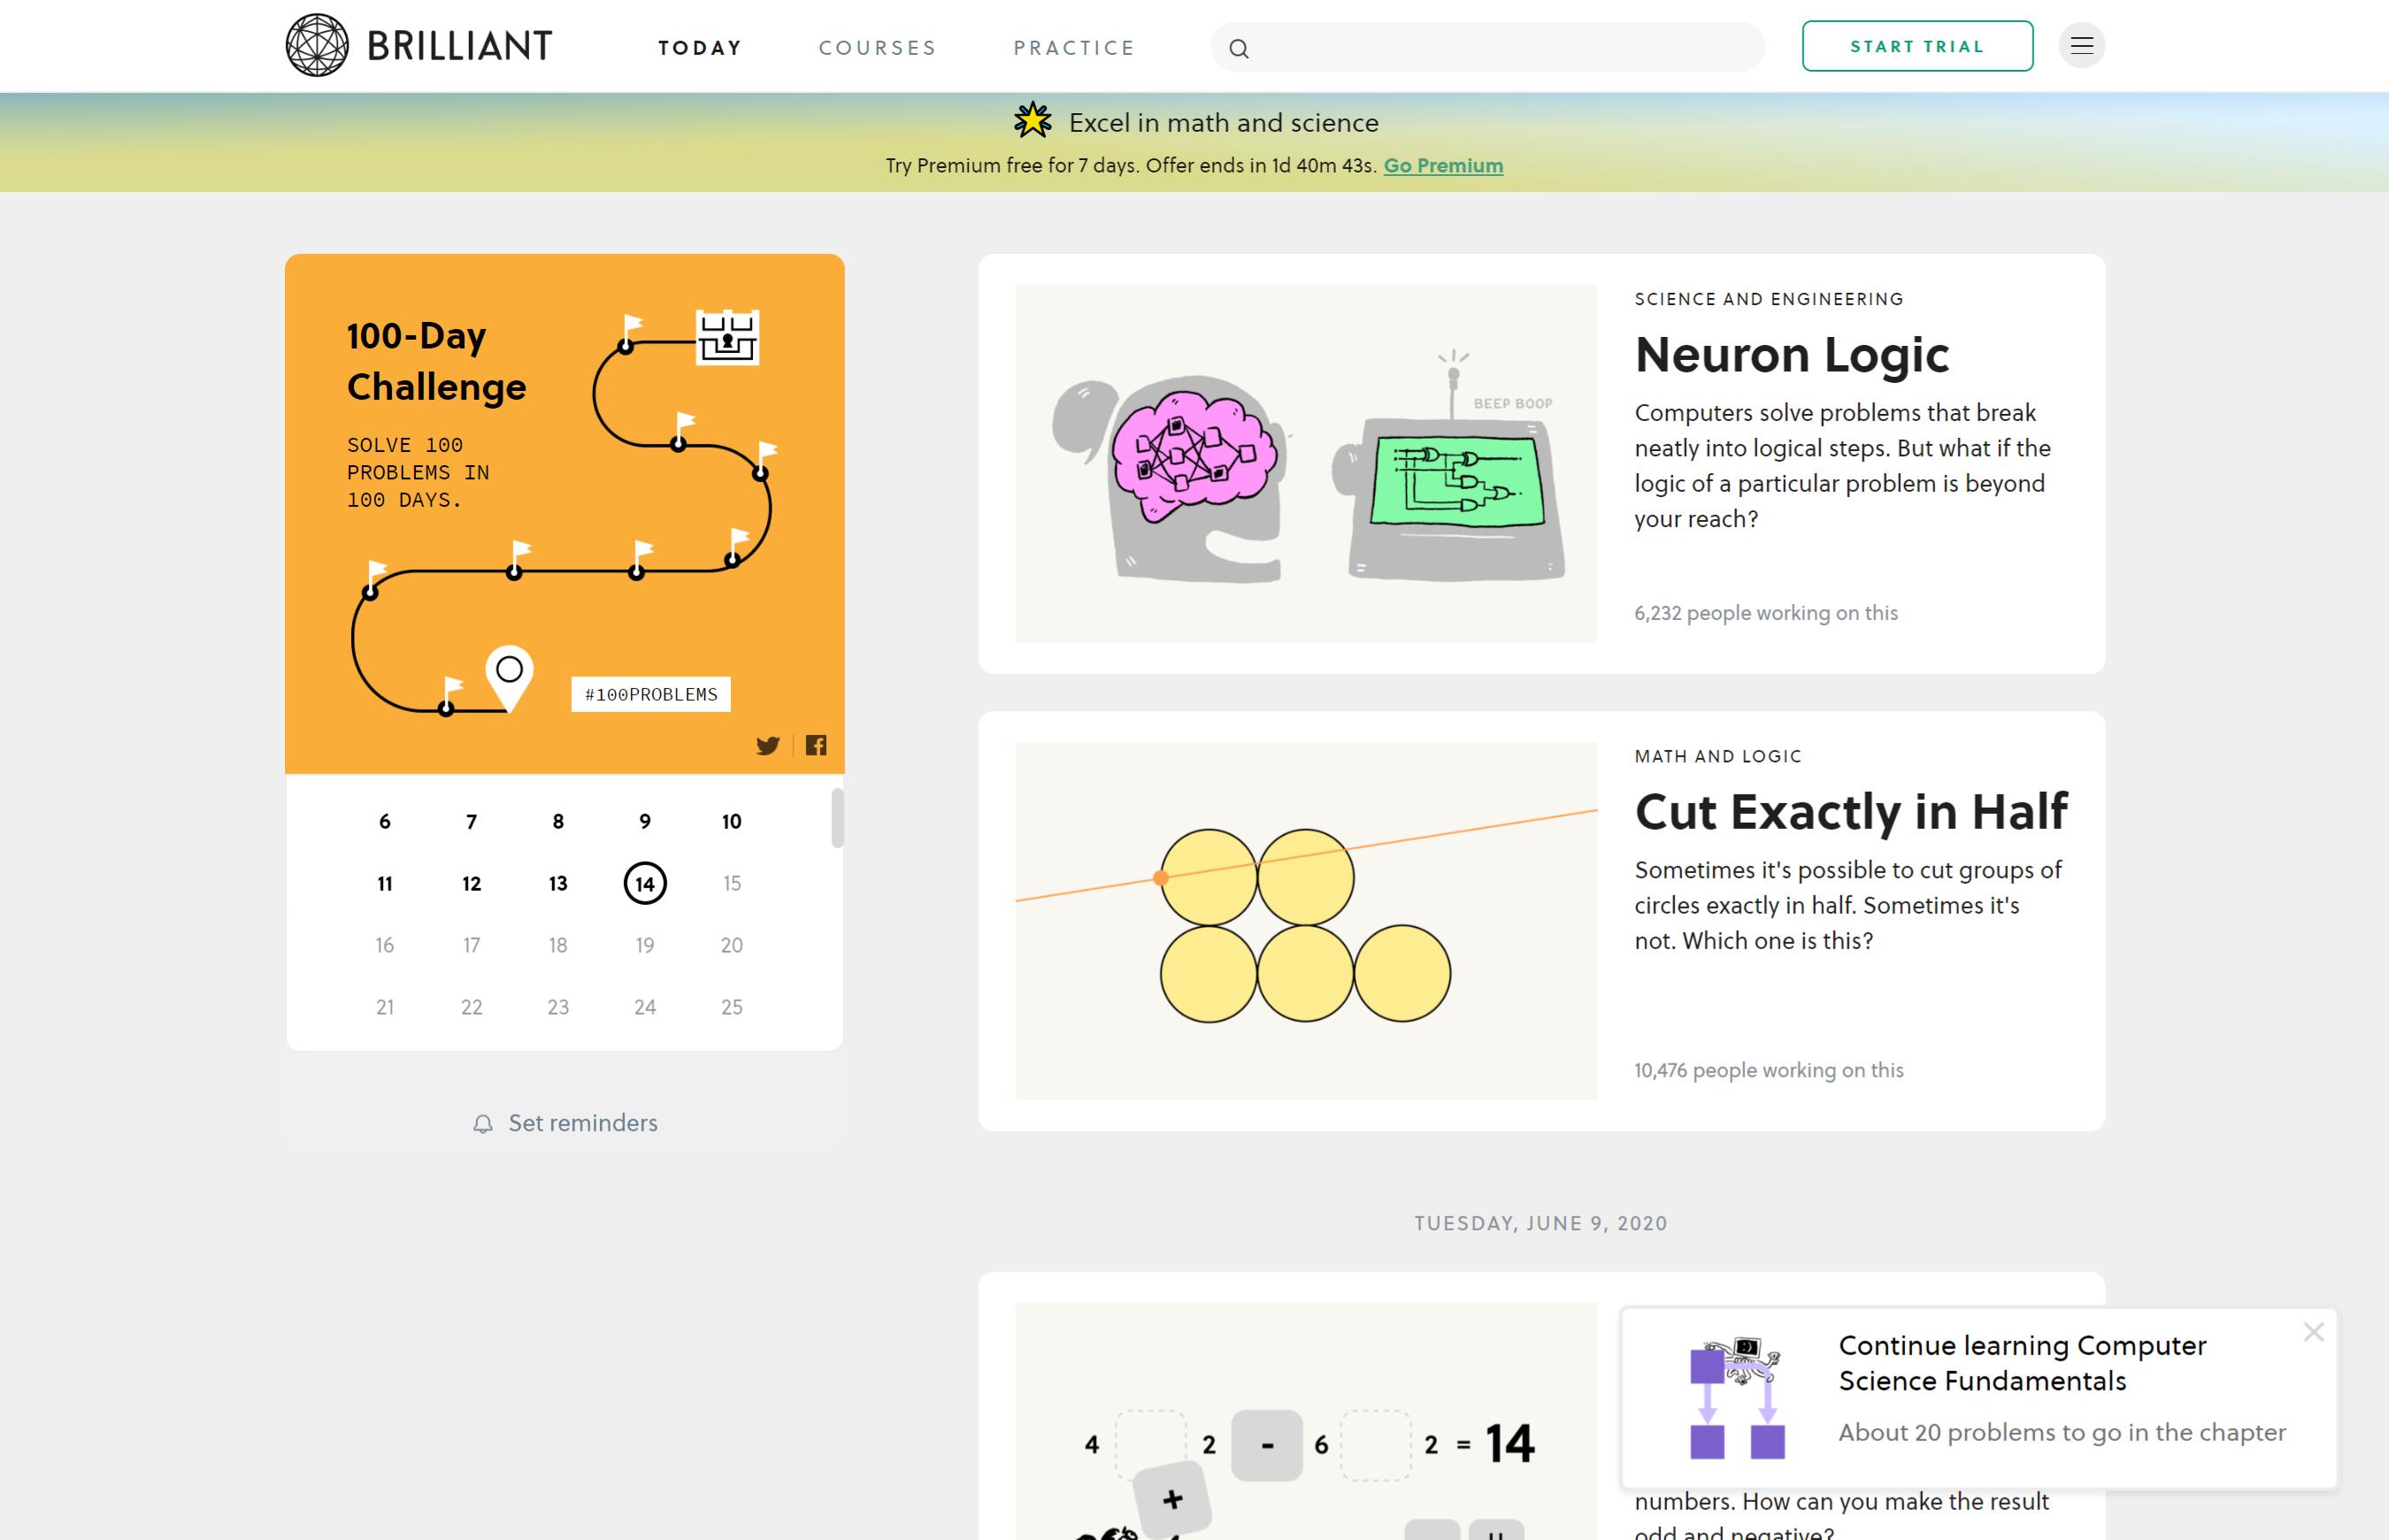 A screenshot of Brilliant's course library - Skillshare vs Brilliant